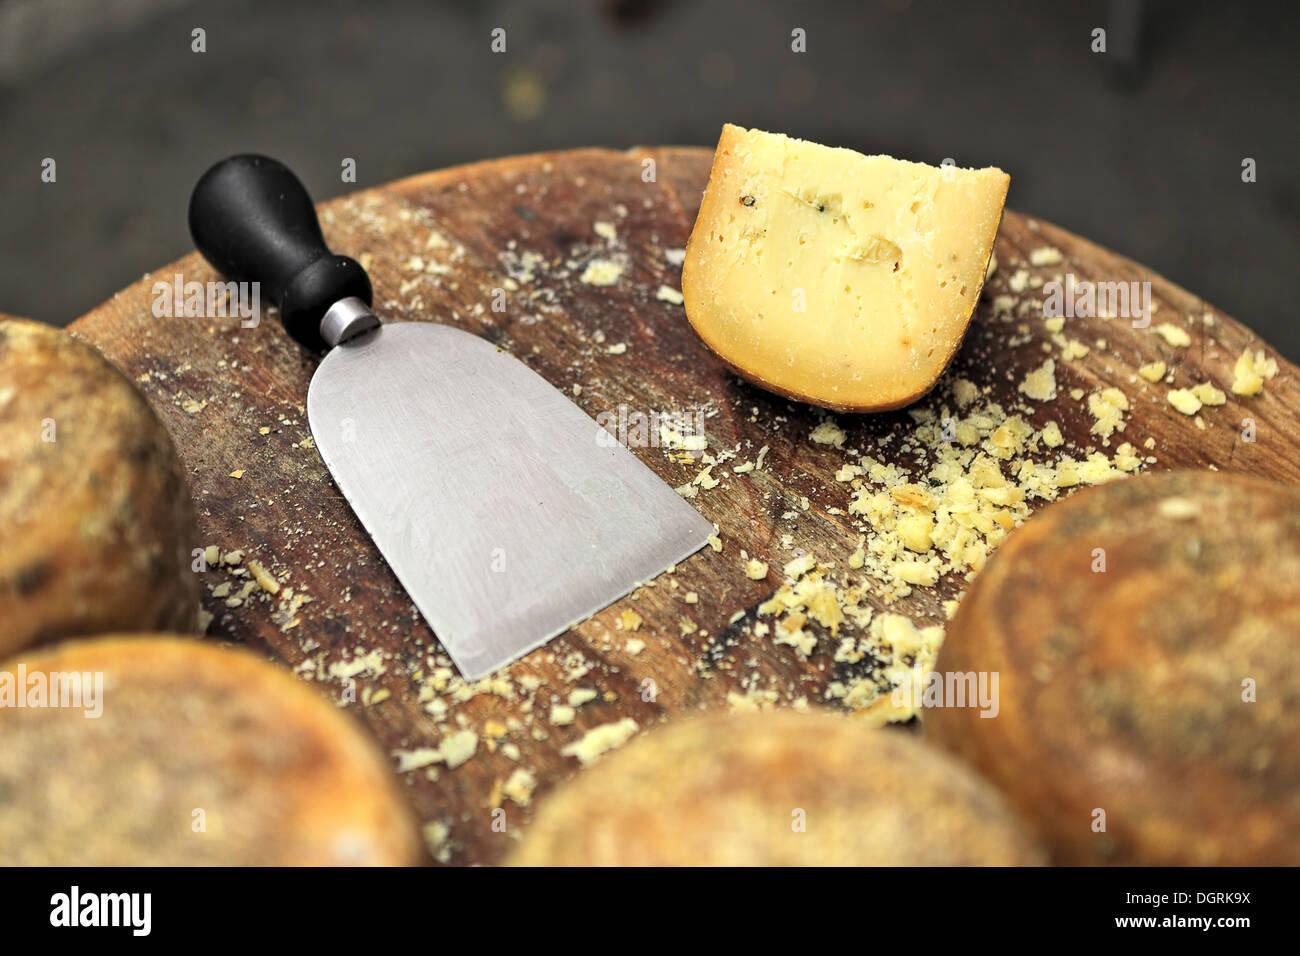 Spezialmesser und berühmten italienischen Käse Pecorino auf kleinen Holztisch. Stockfoto